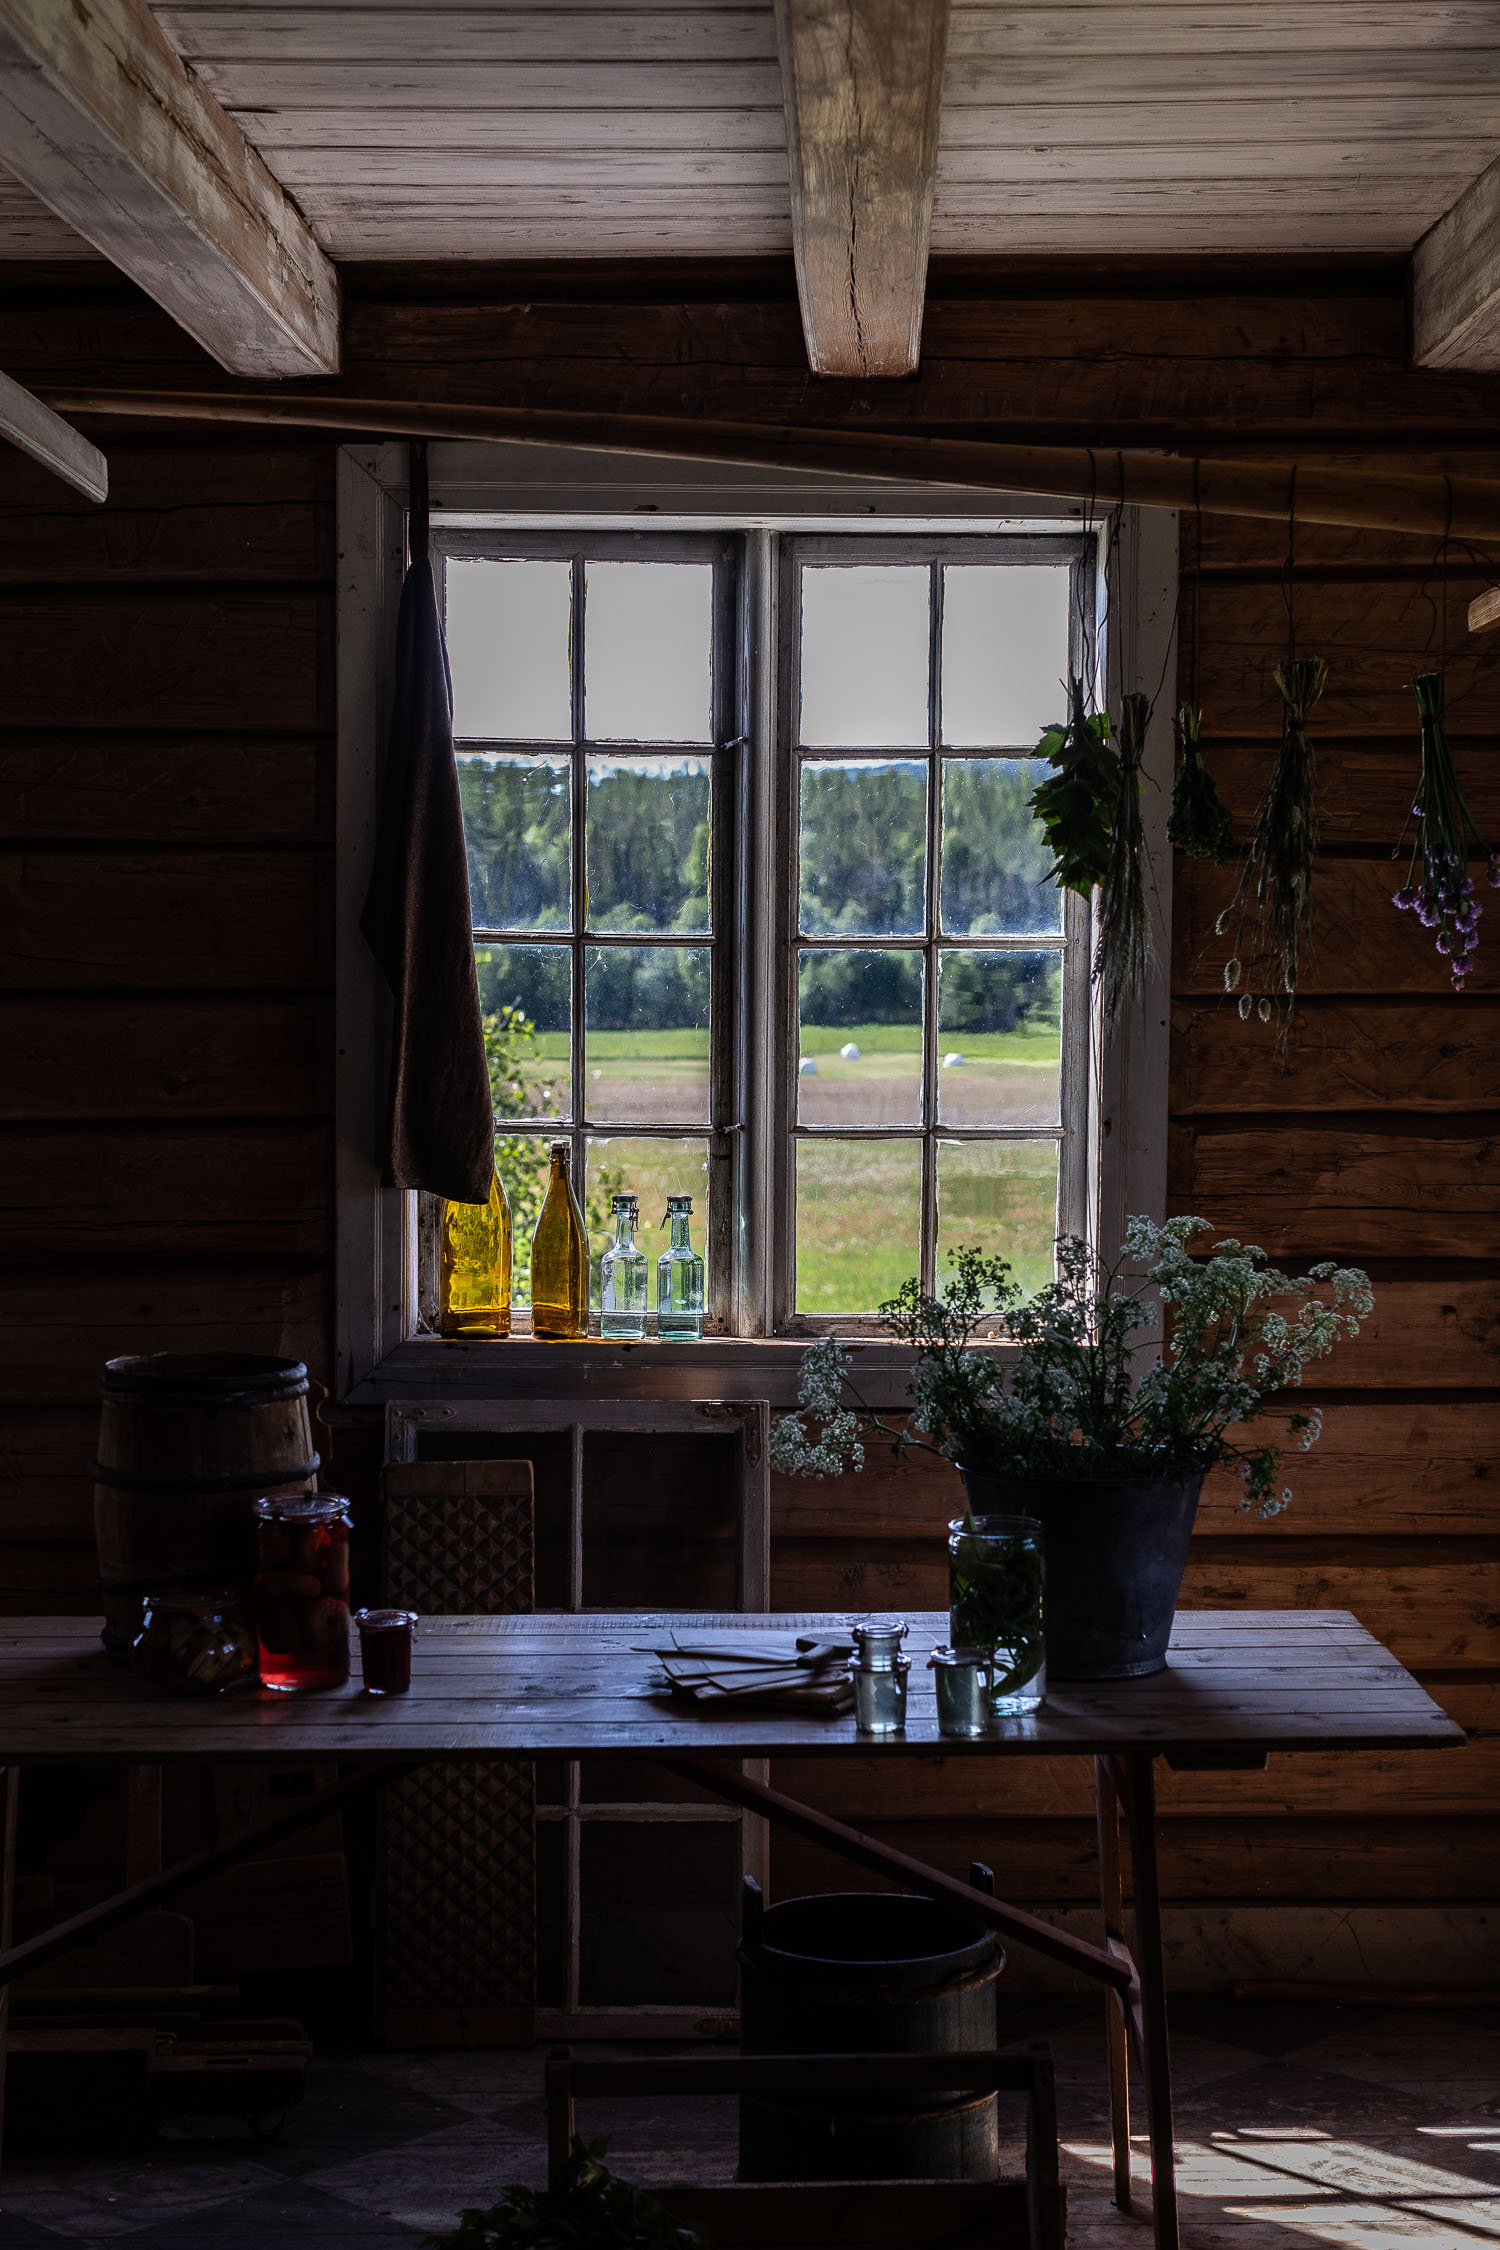 Norway-room-detail-window-2323.jpg